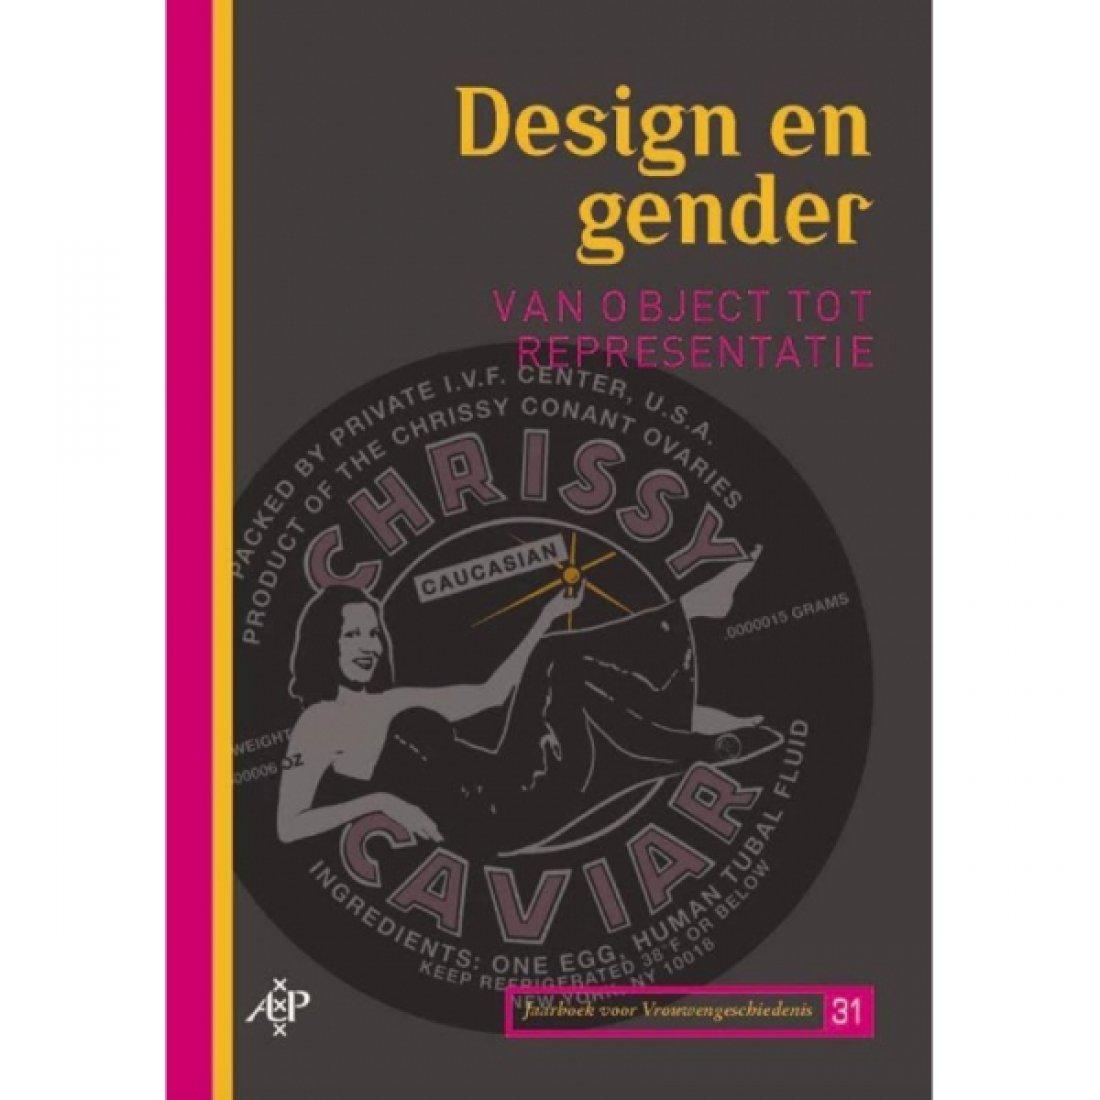 Design en gender 2011